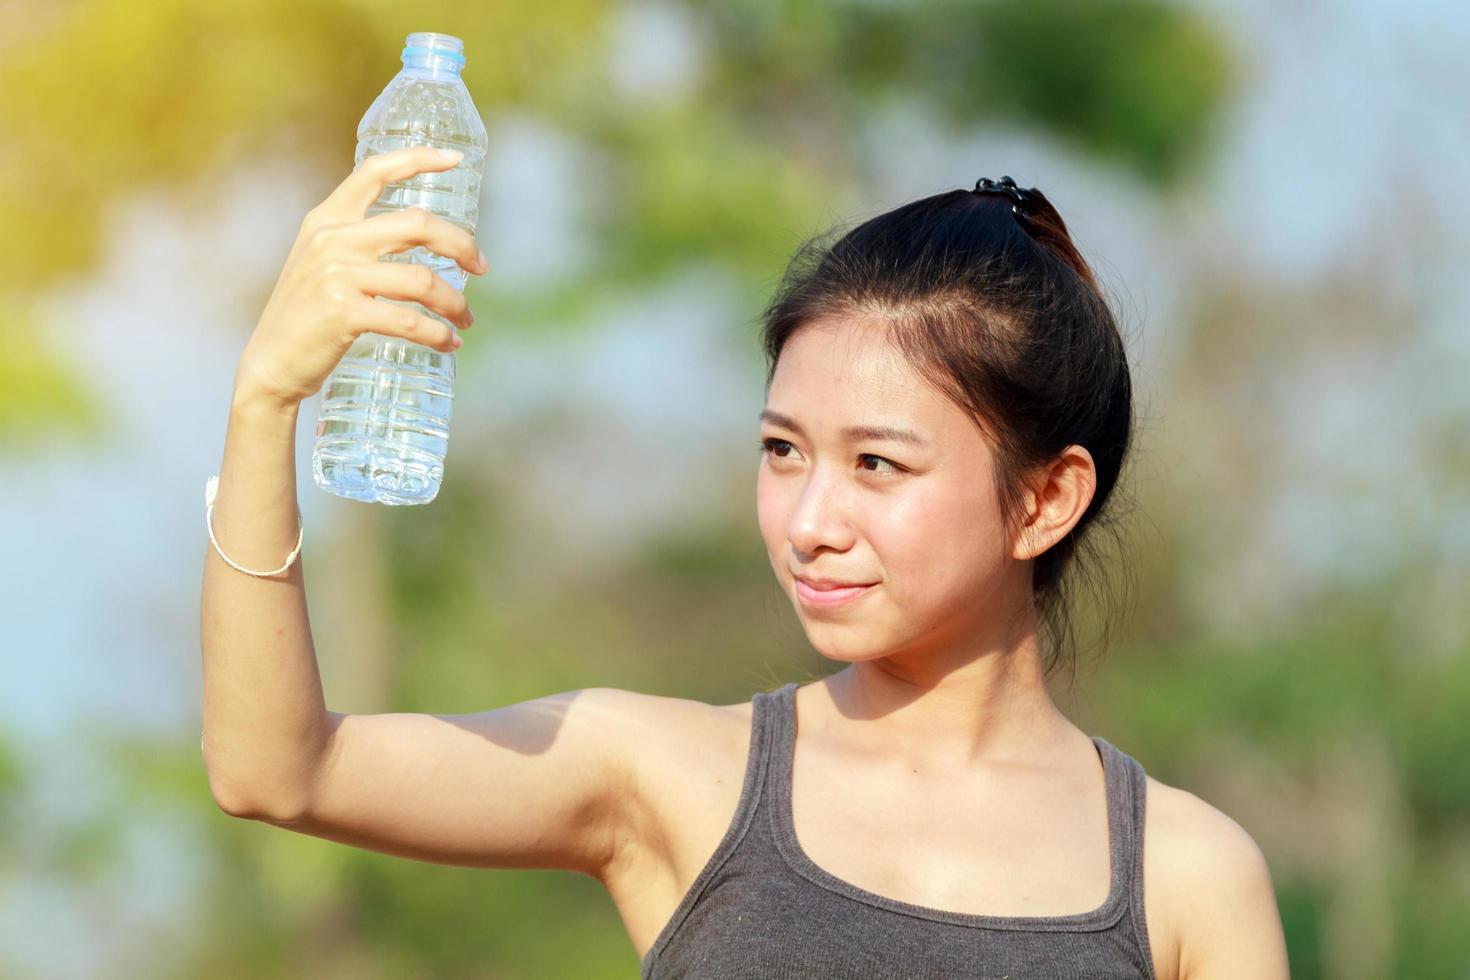 acqua potabile da donna sportiva in una giornata di sole foto